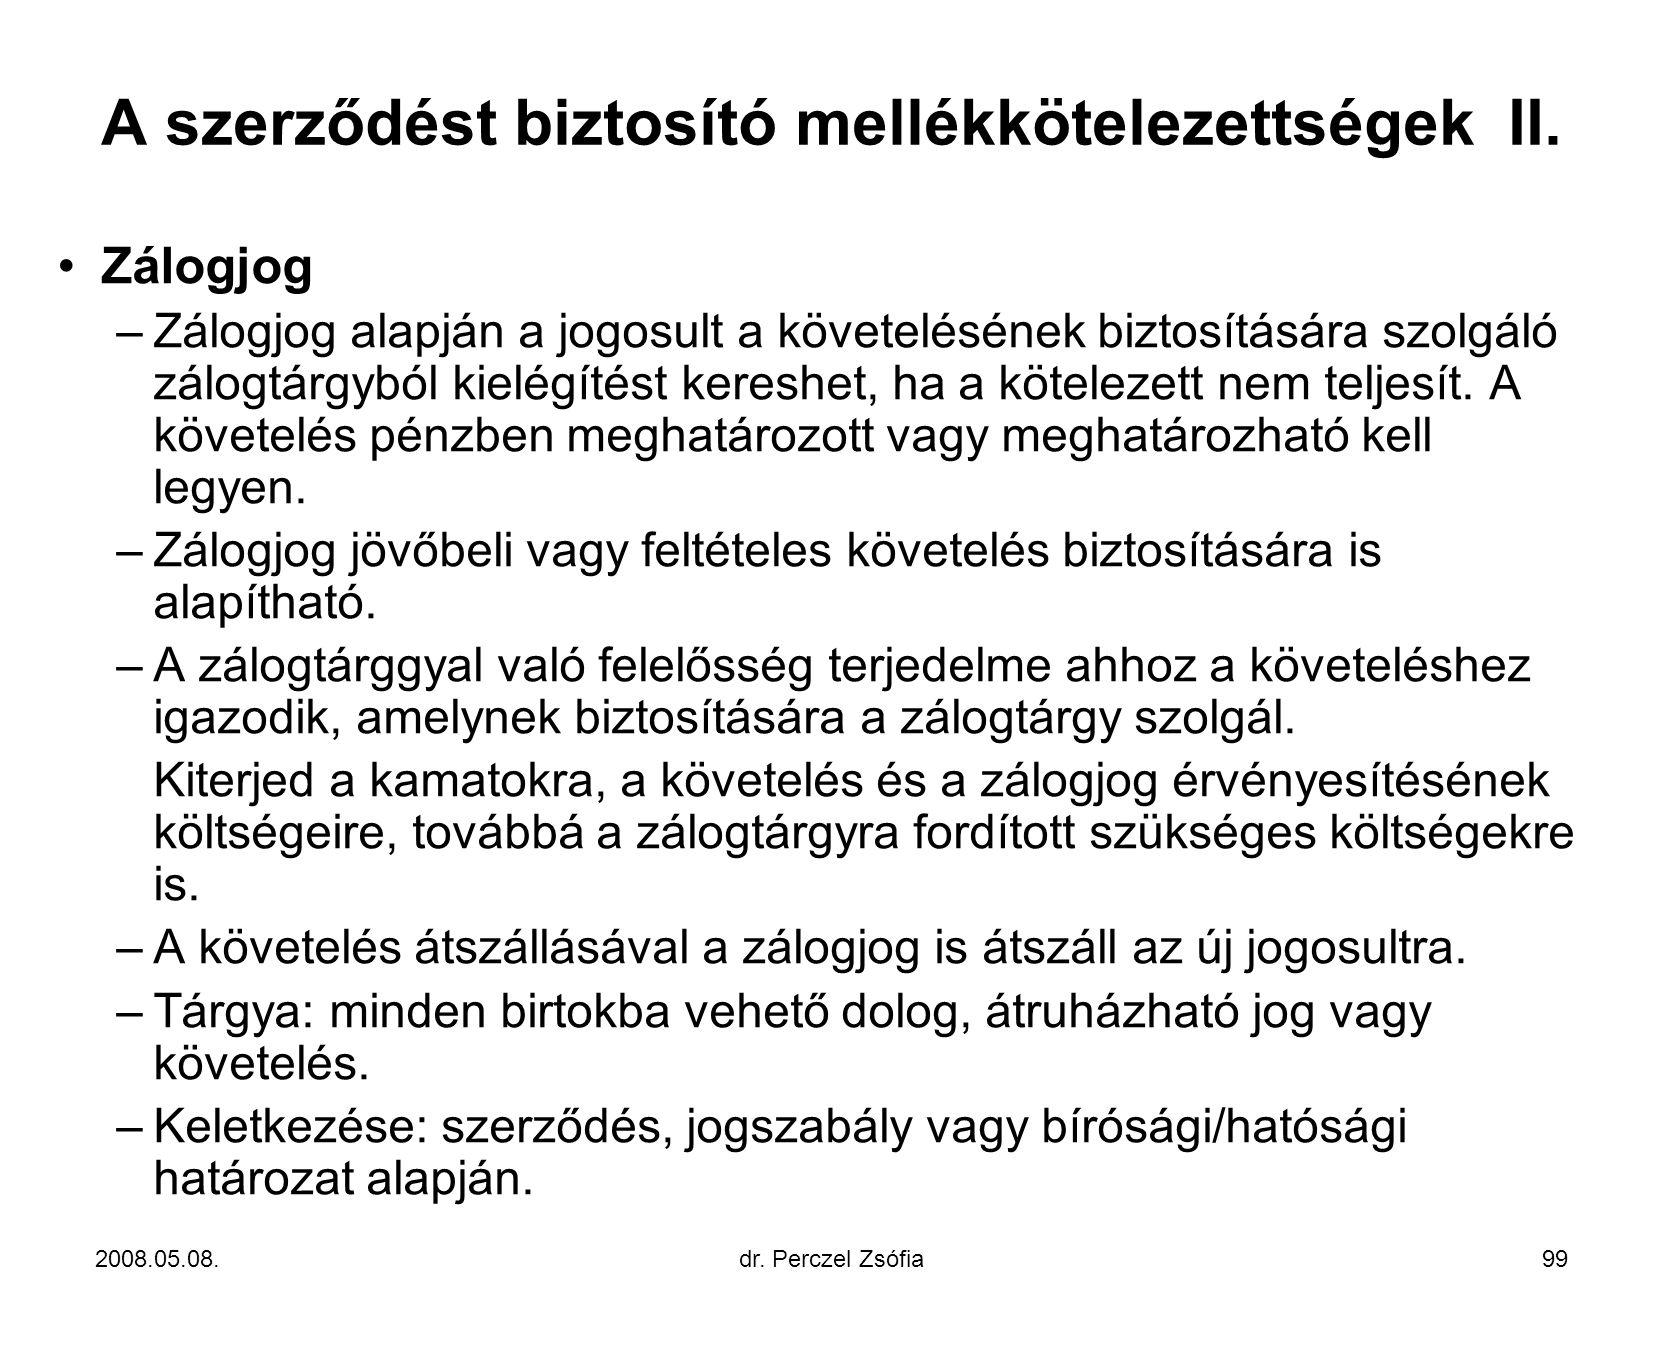 A szerződést biztosító mellékkötelezettségek II.